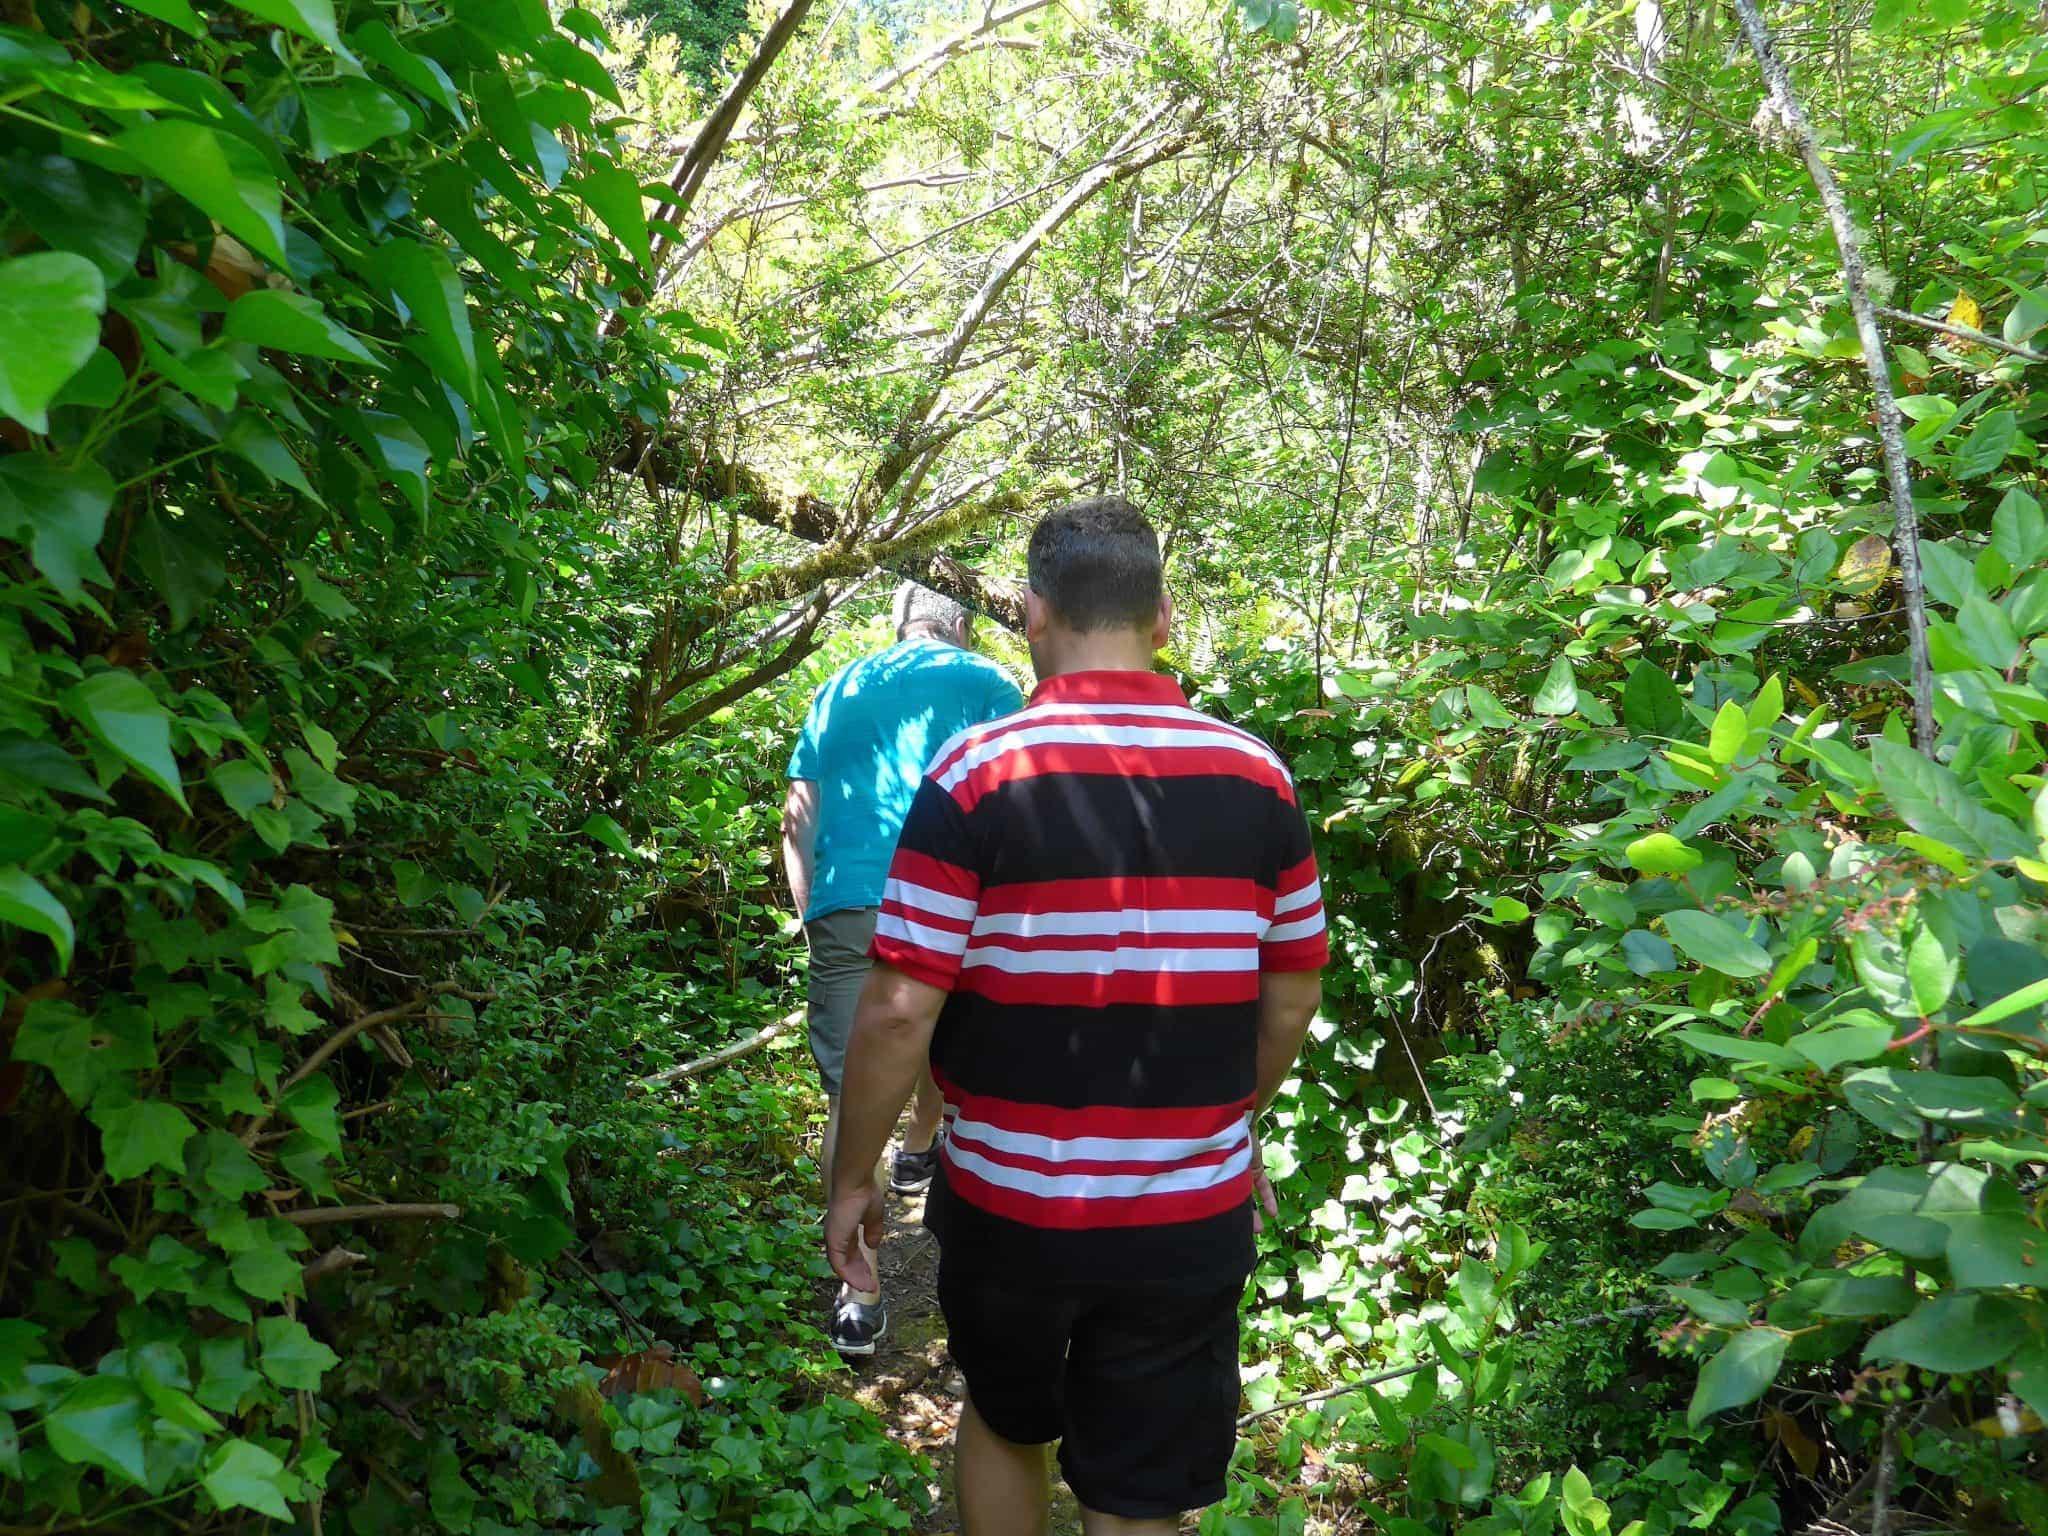 Eagle Island trails